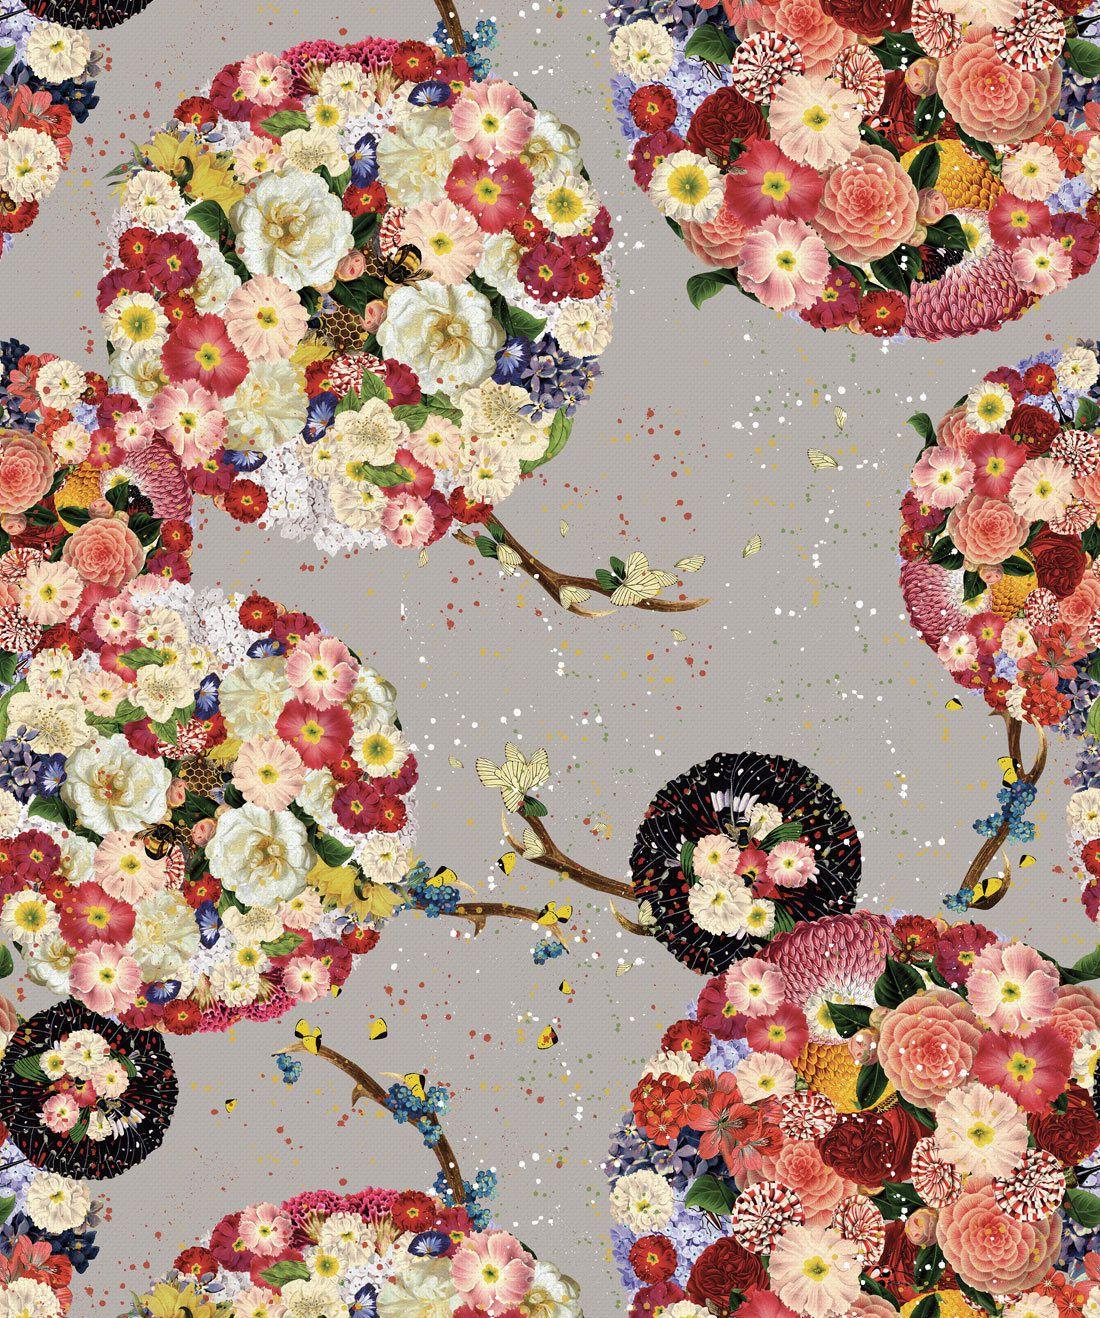 Flower Bomb Wallpaper